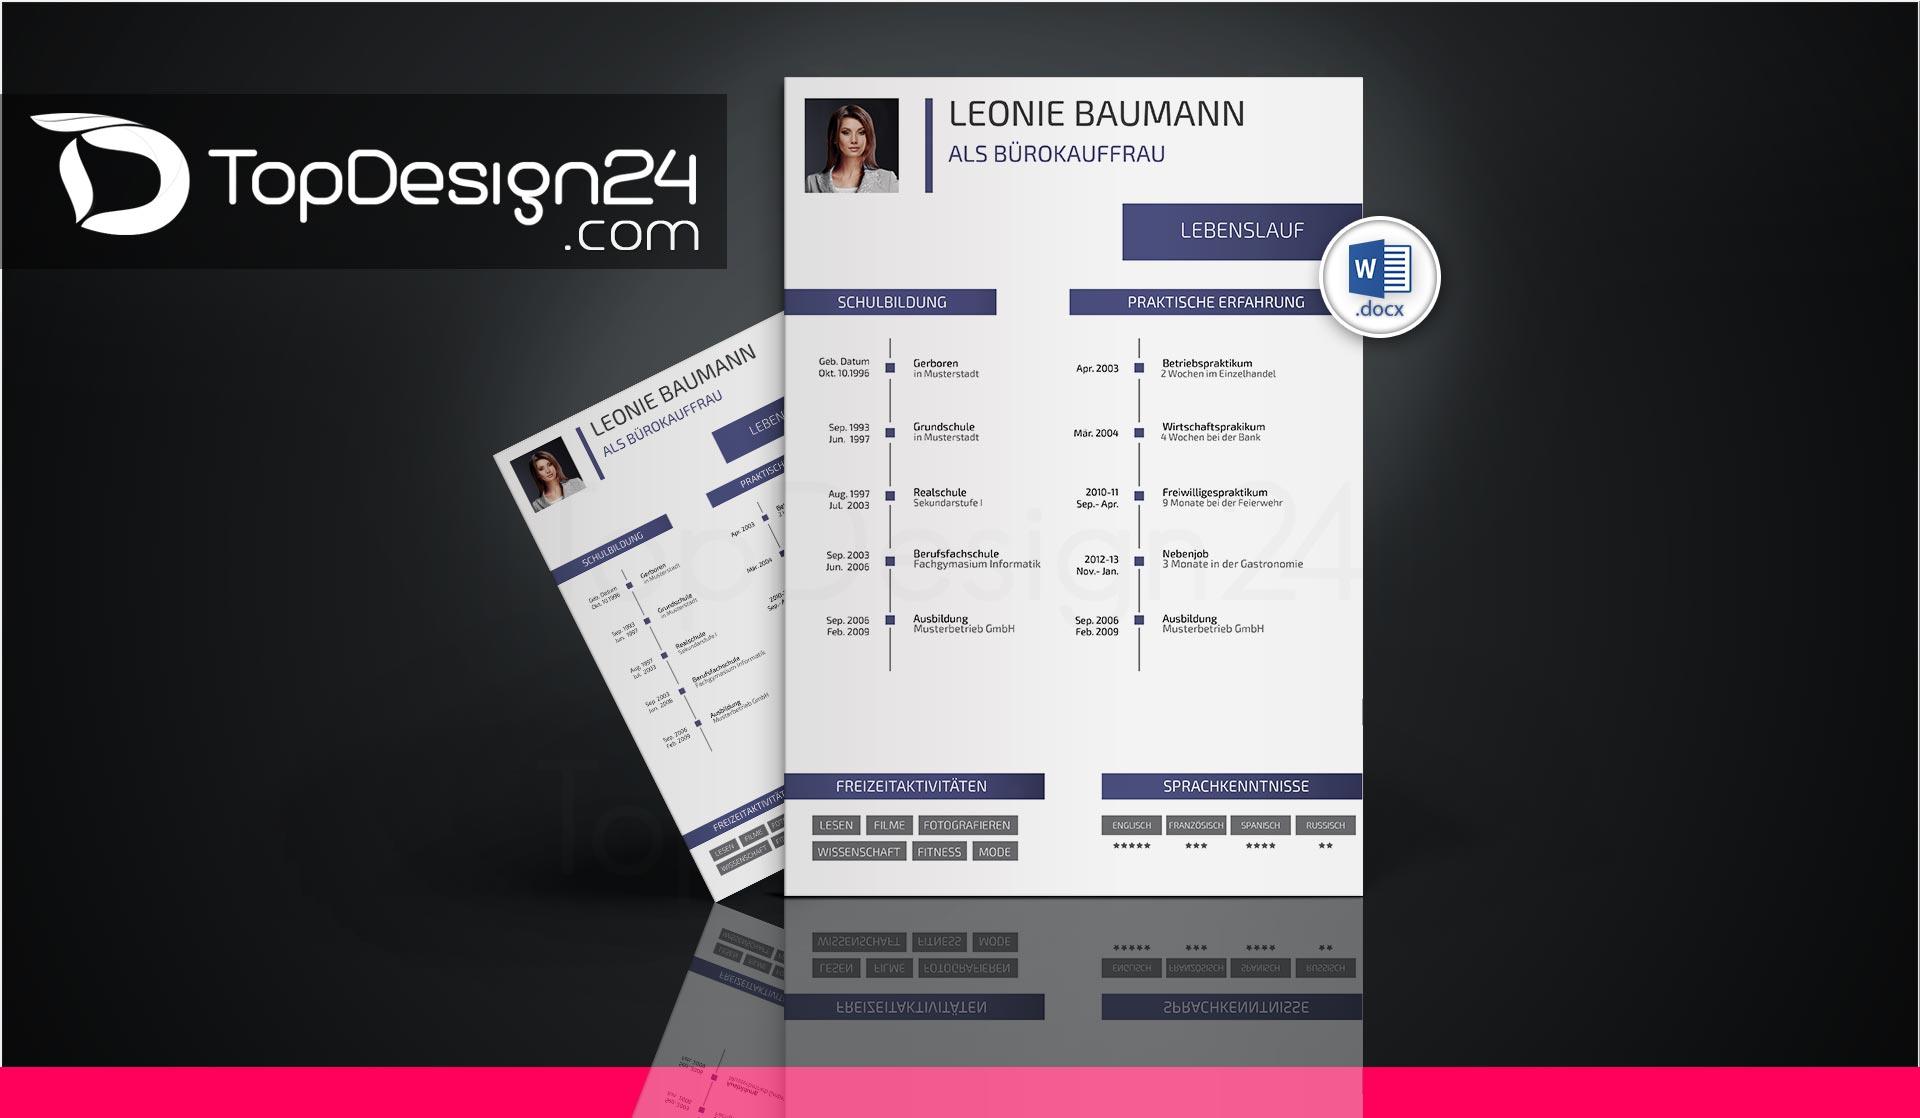 Initiativbewerbung muster praktikum 2016 topdesign24 for Praktikum design